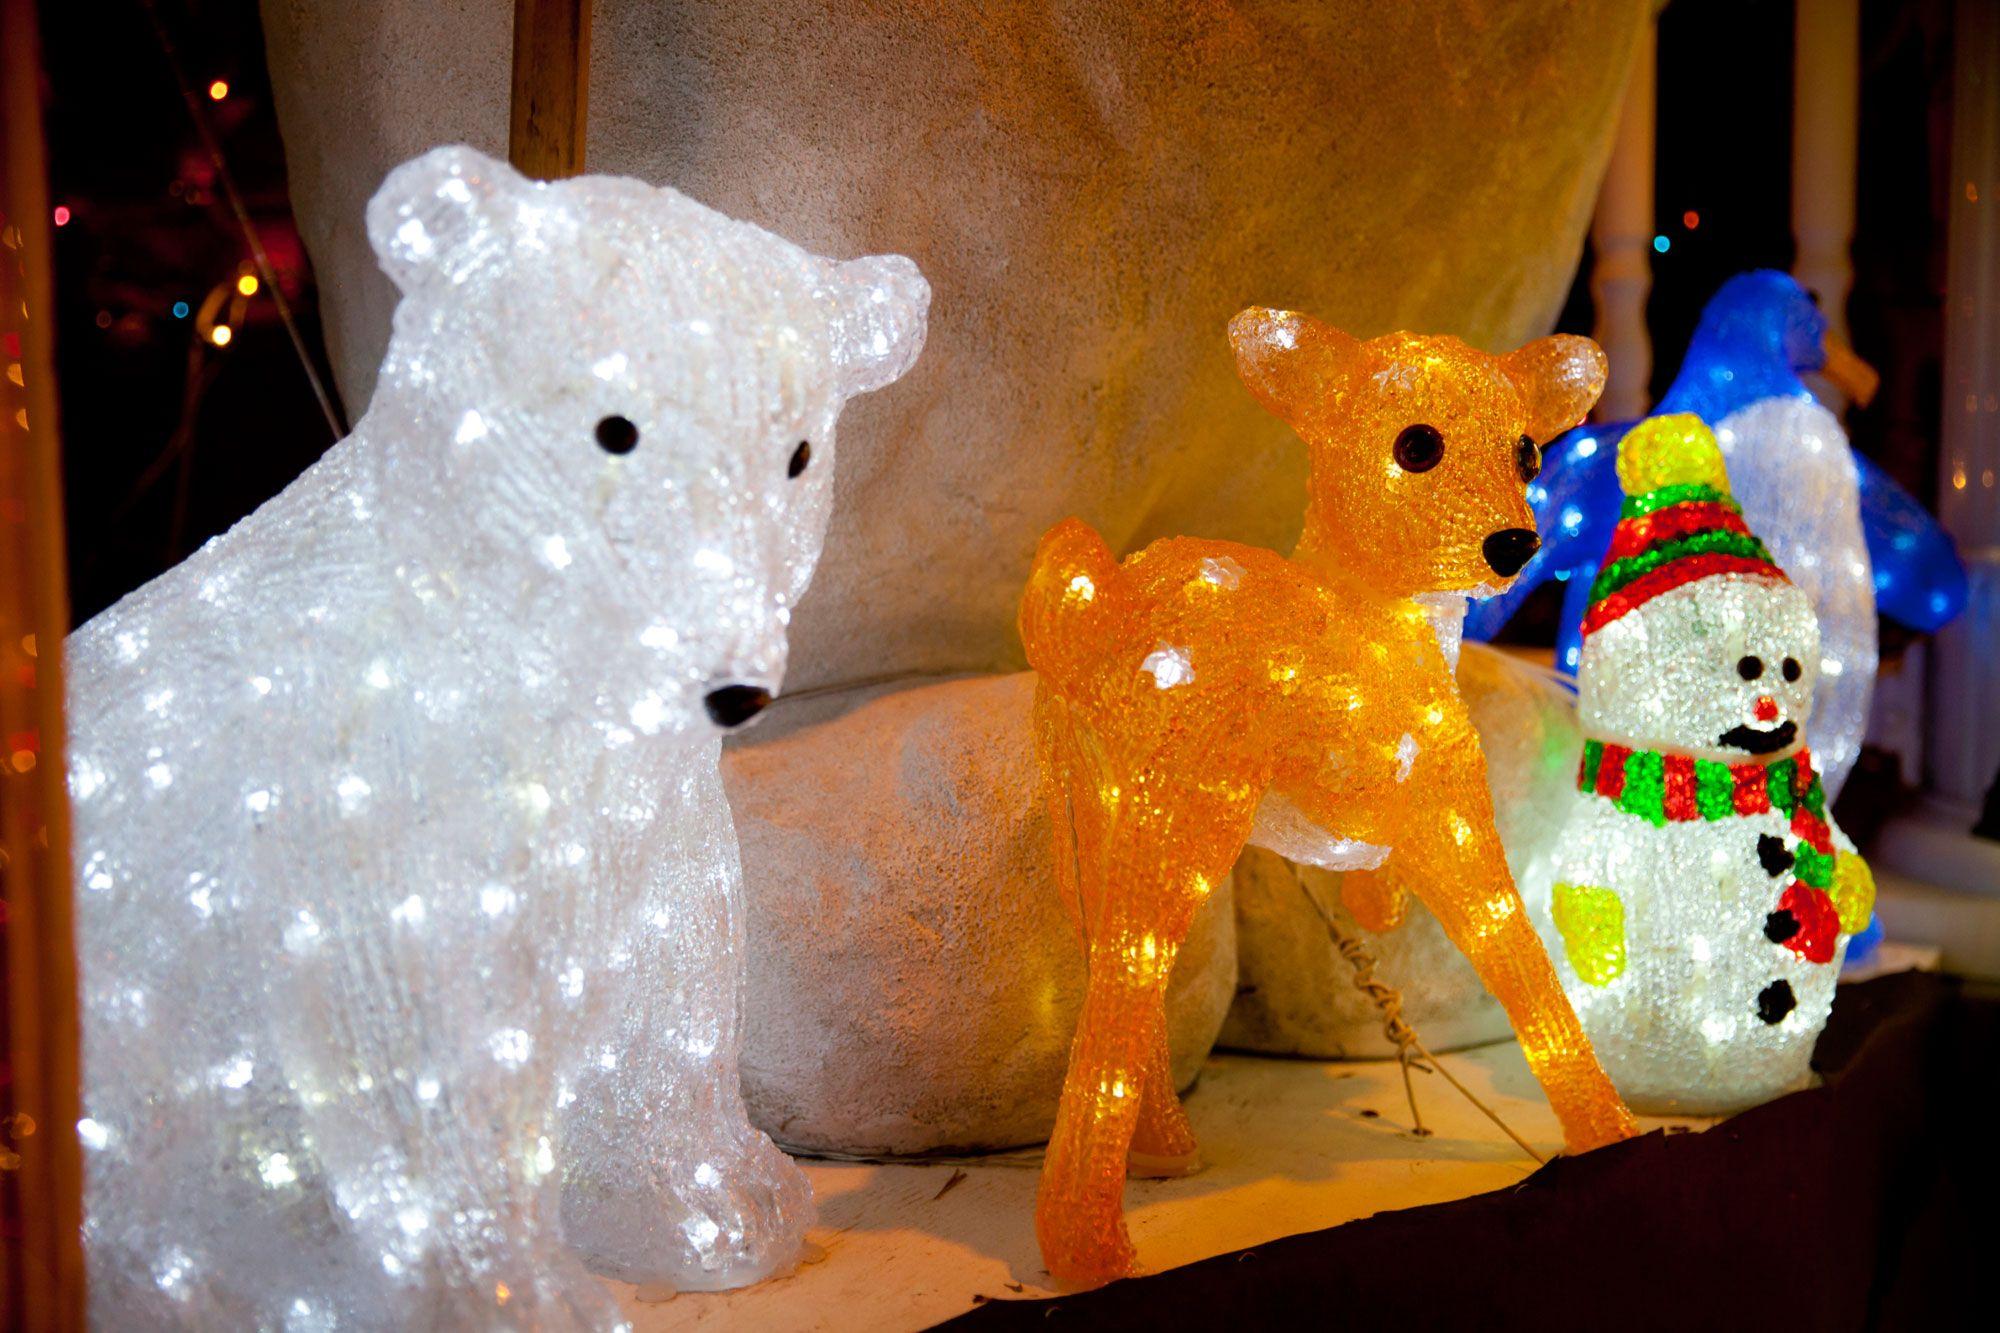 Adornos navide os para el exterior hogarmania for Adornos de navidad para hacer en casa